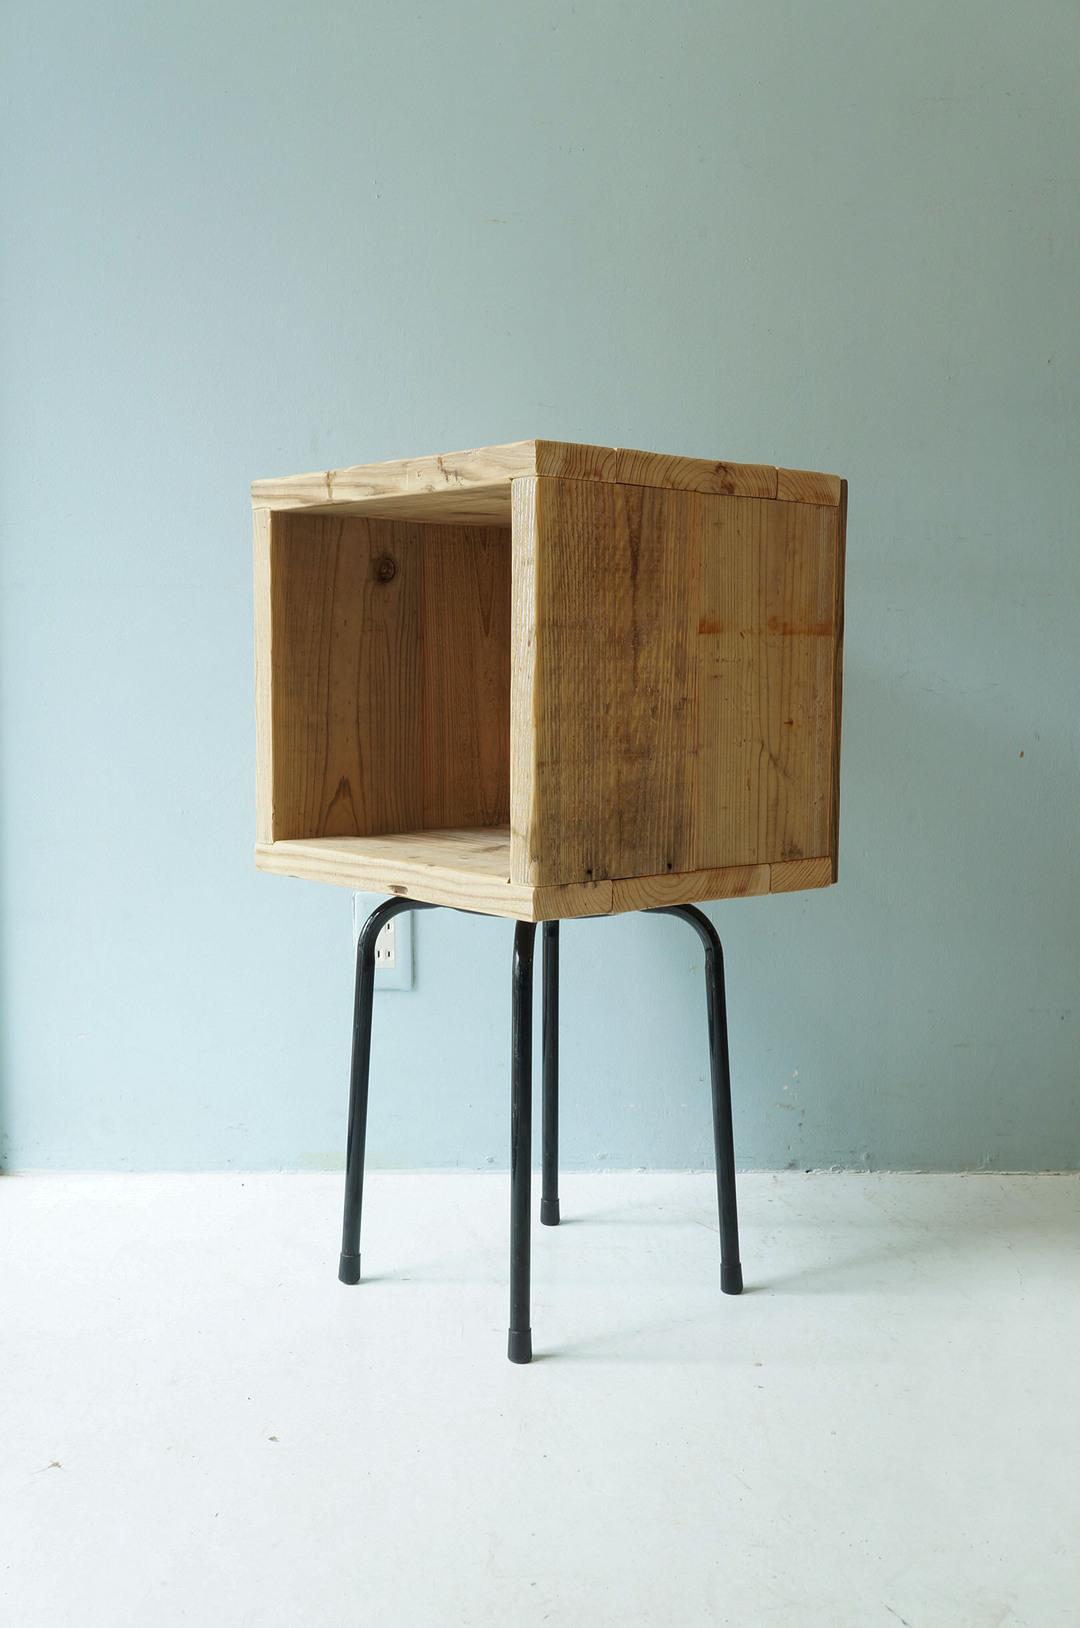 Pine Wood Box With Iron Leg/ウッドボックス パイン材 アイアン ディスプレイ ラック インダストリアル 1